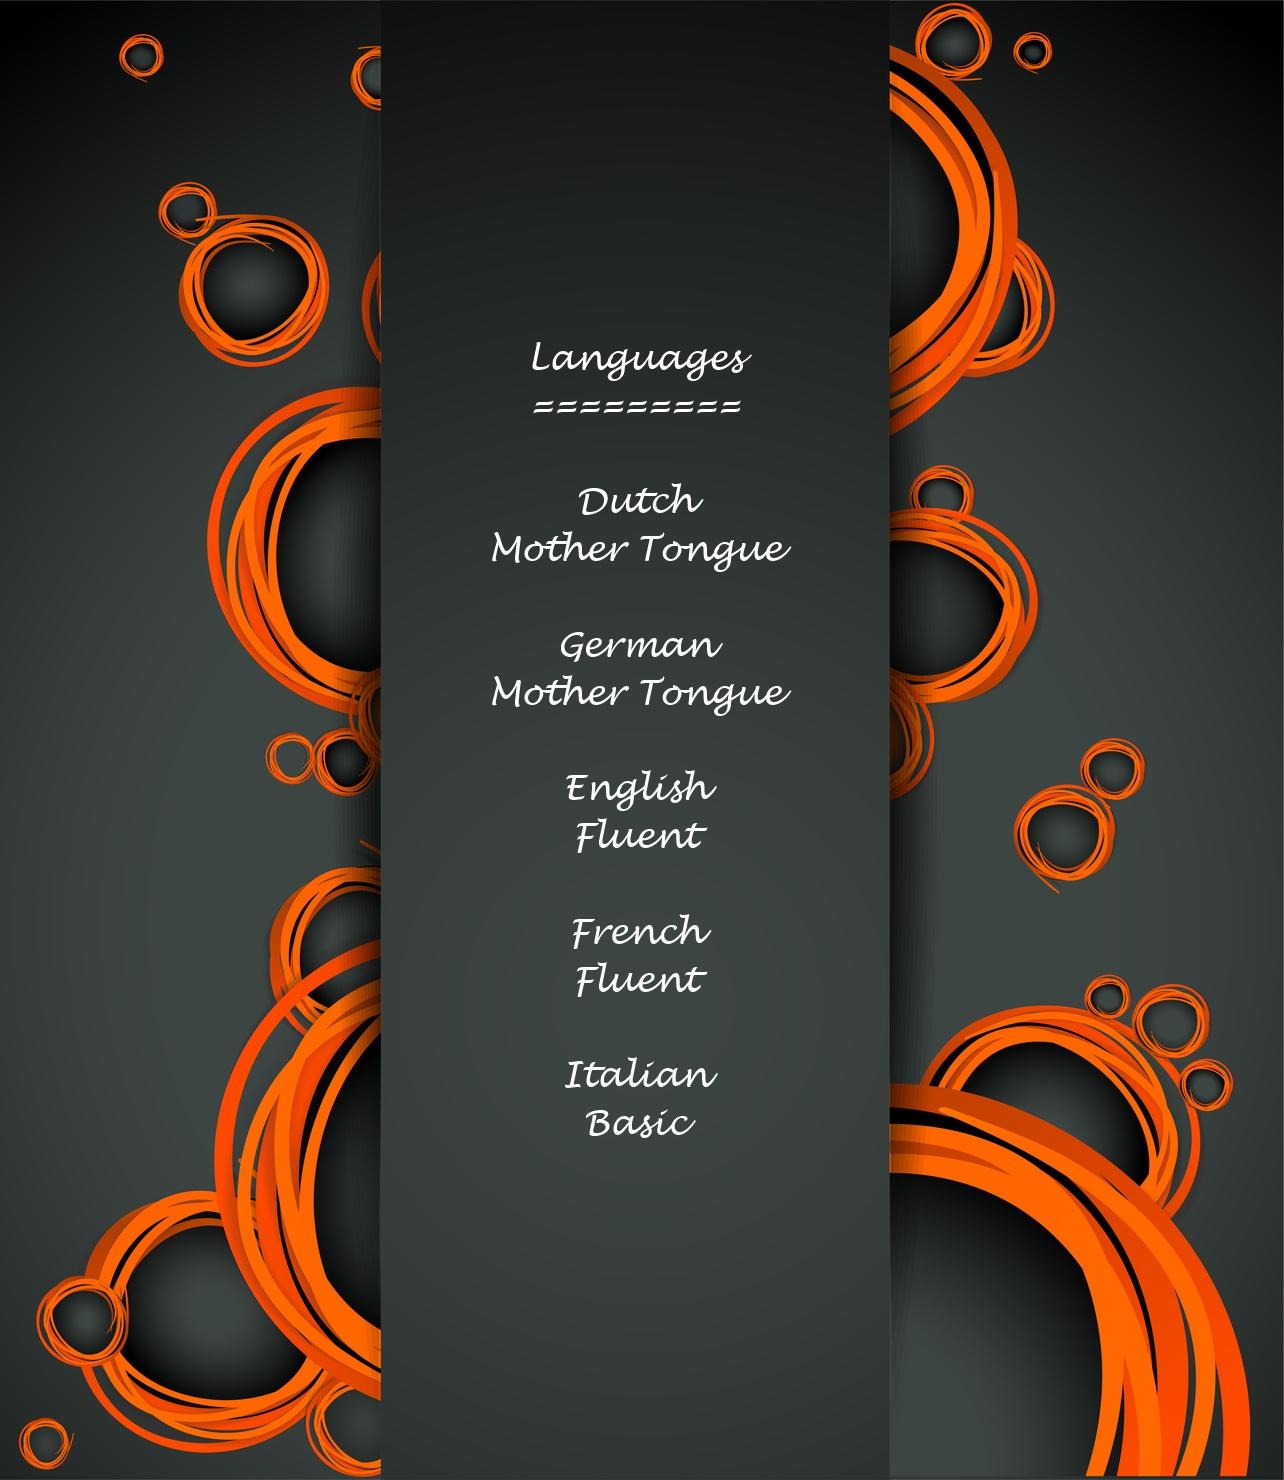 8_connoisseur_languages.jpg